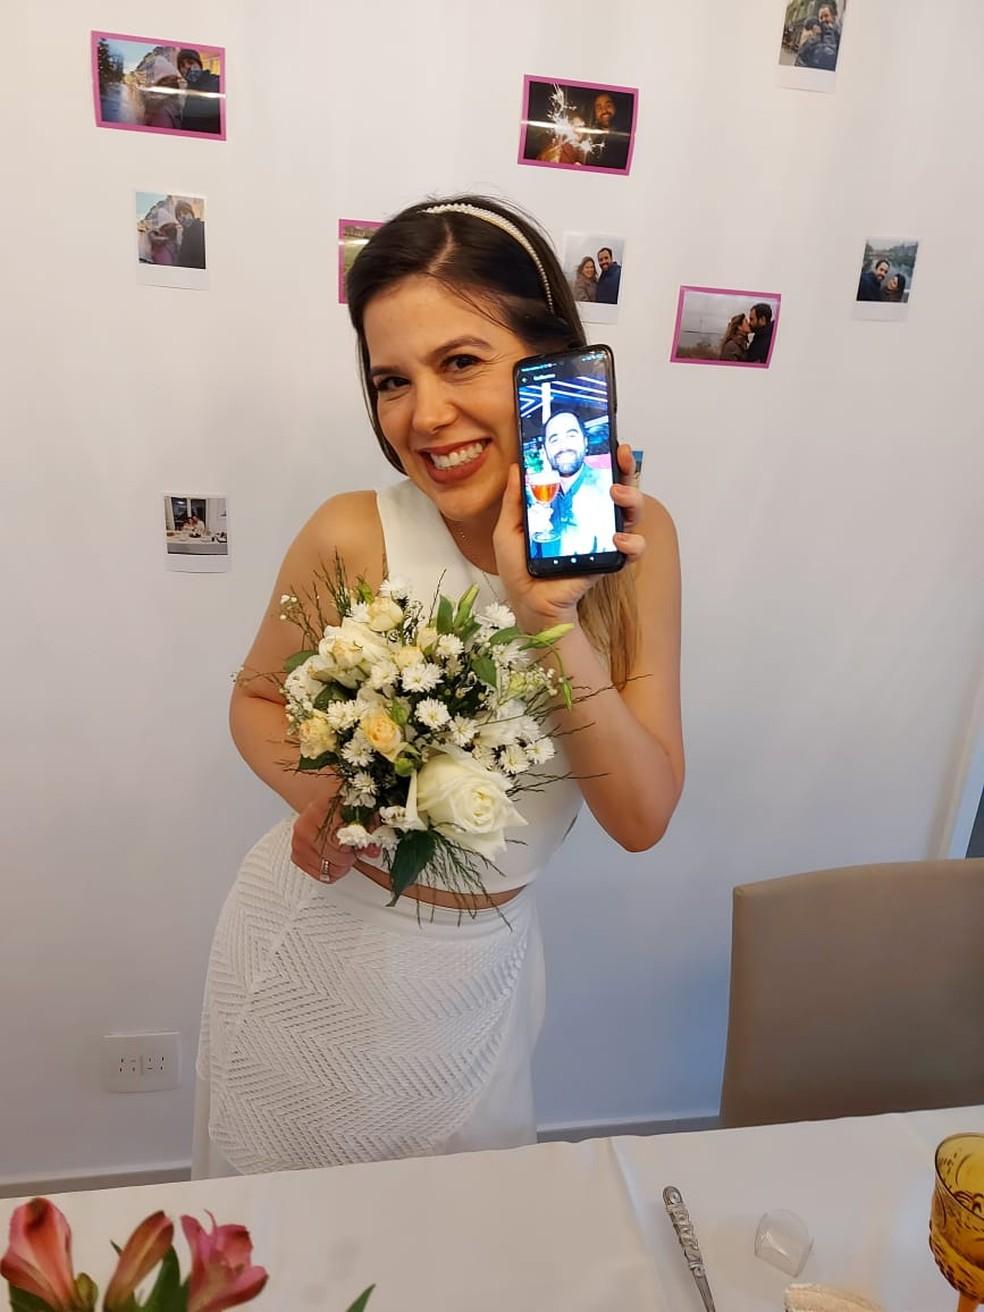 Paula e Guilherme se casaram à distância por meio de procuração — Foto: Paula Sabatini Brandão/Arquivo Pessoal